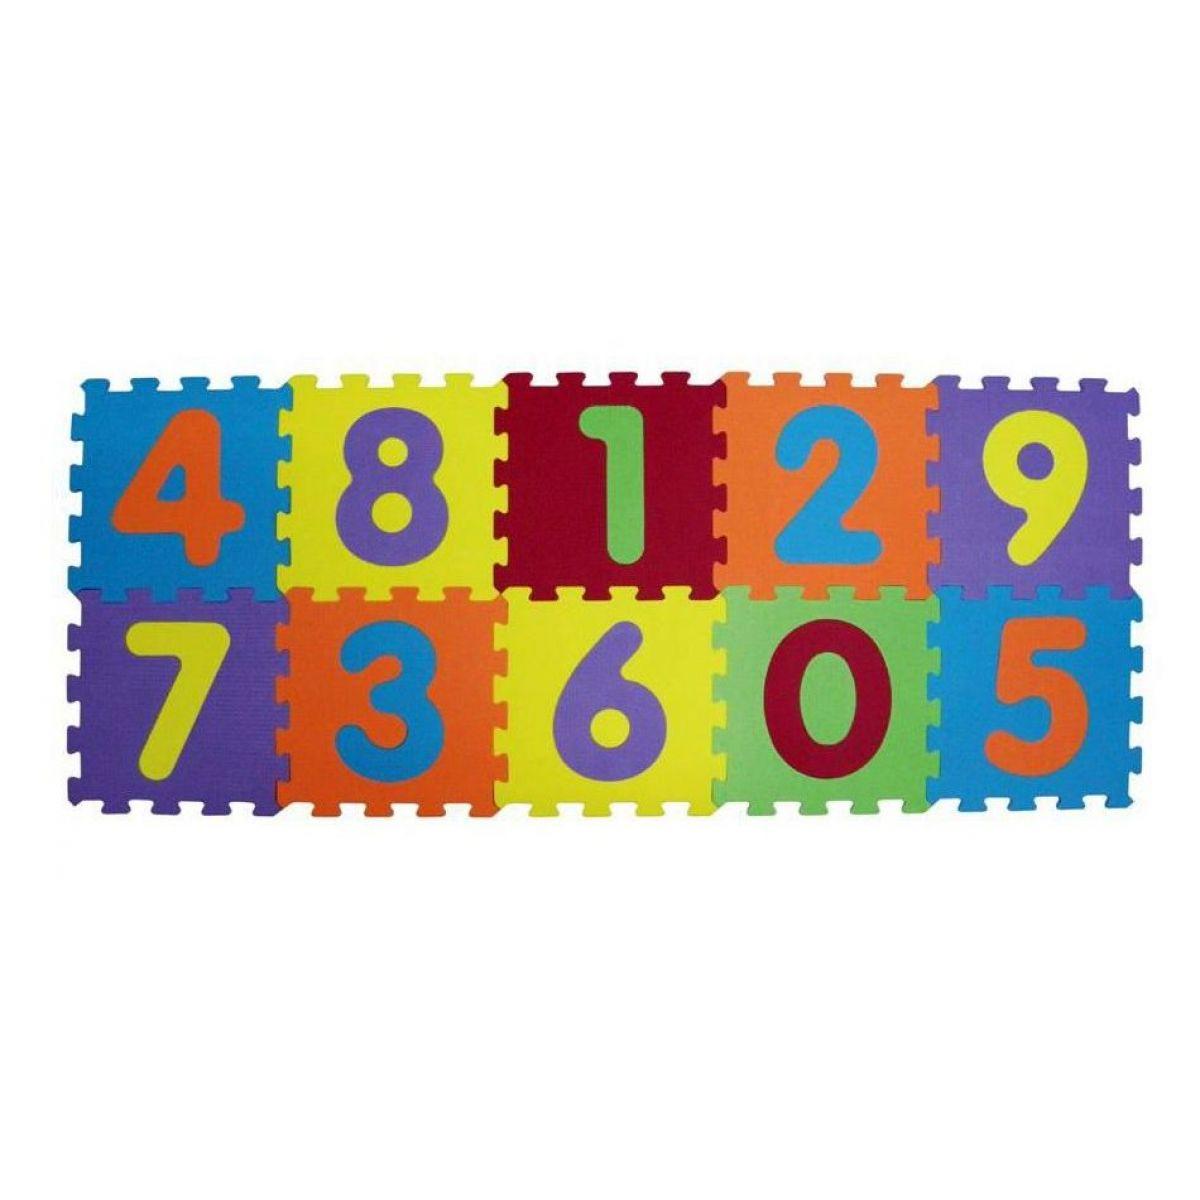 Ludi Puzzle pěnové 140 x 56 cm čísla